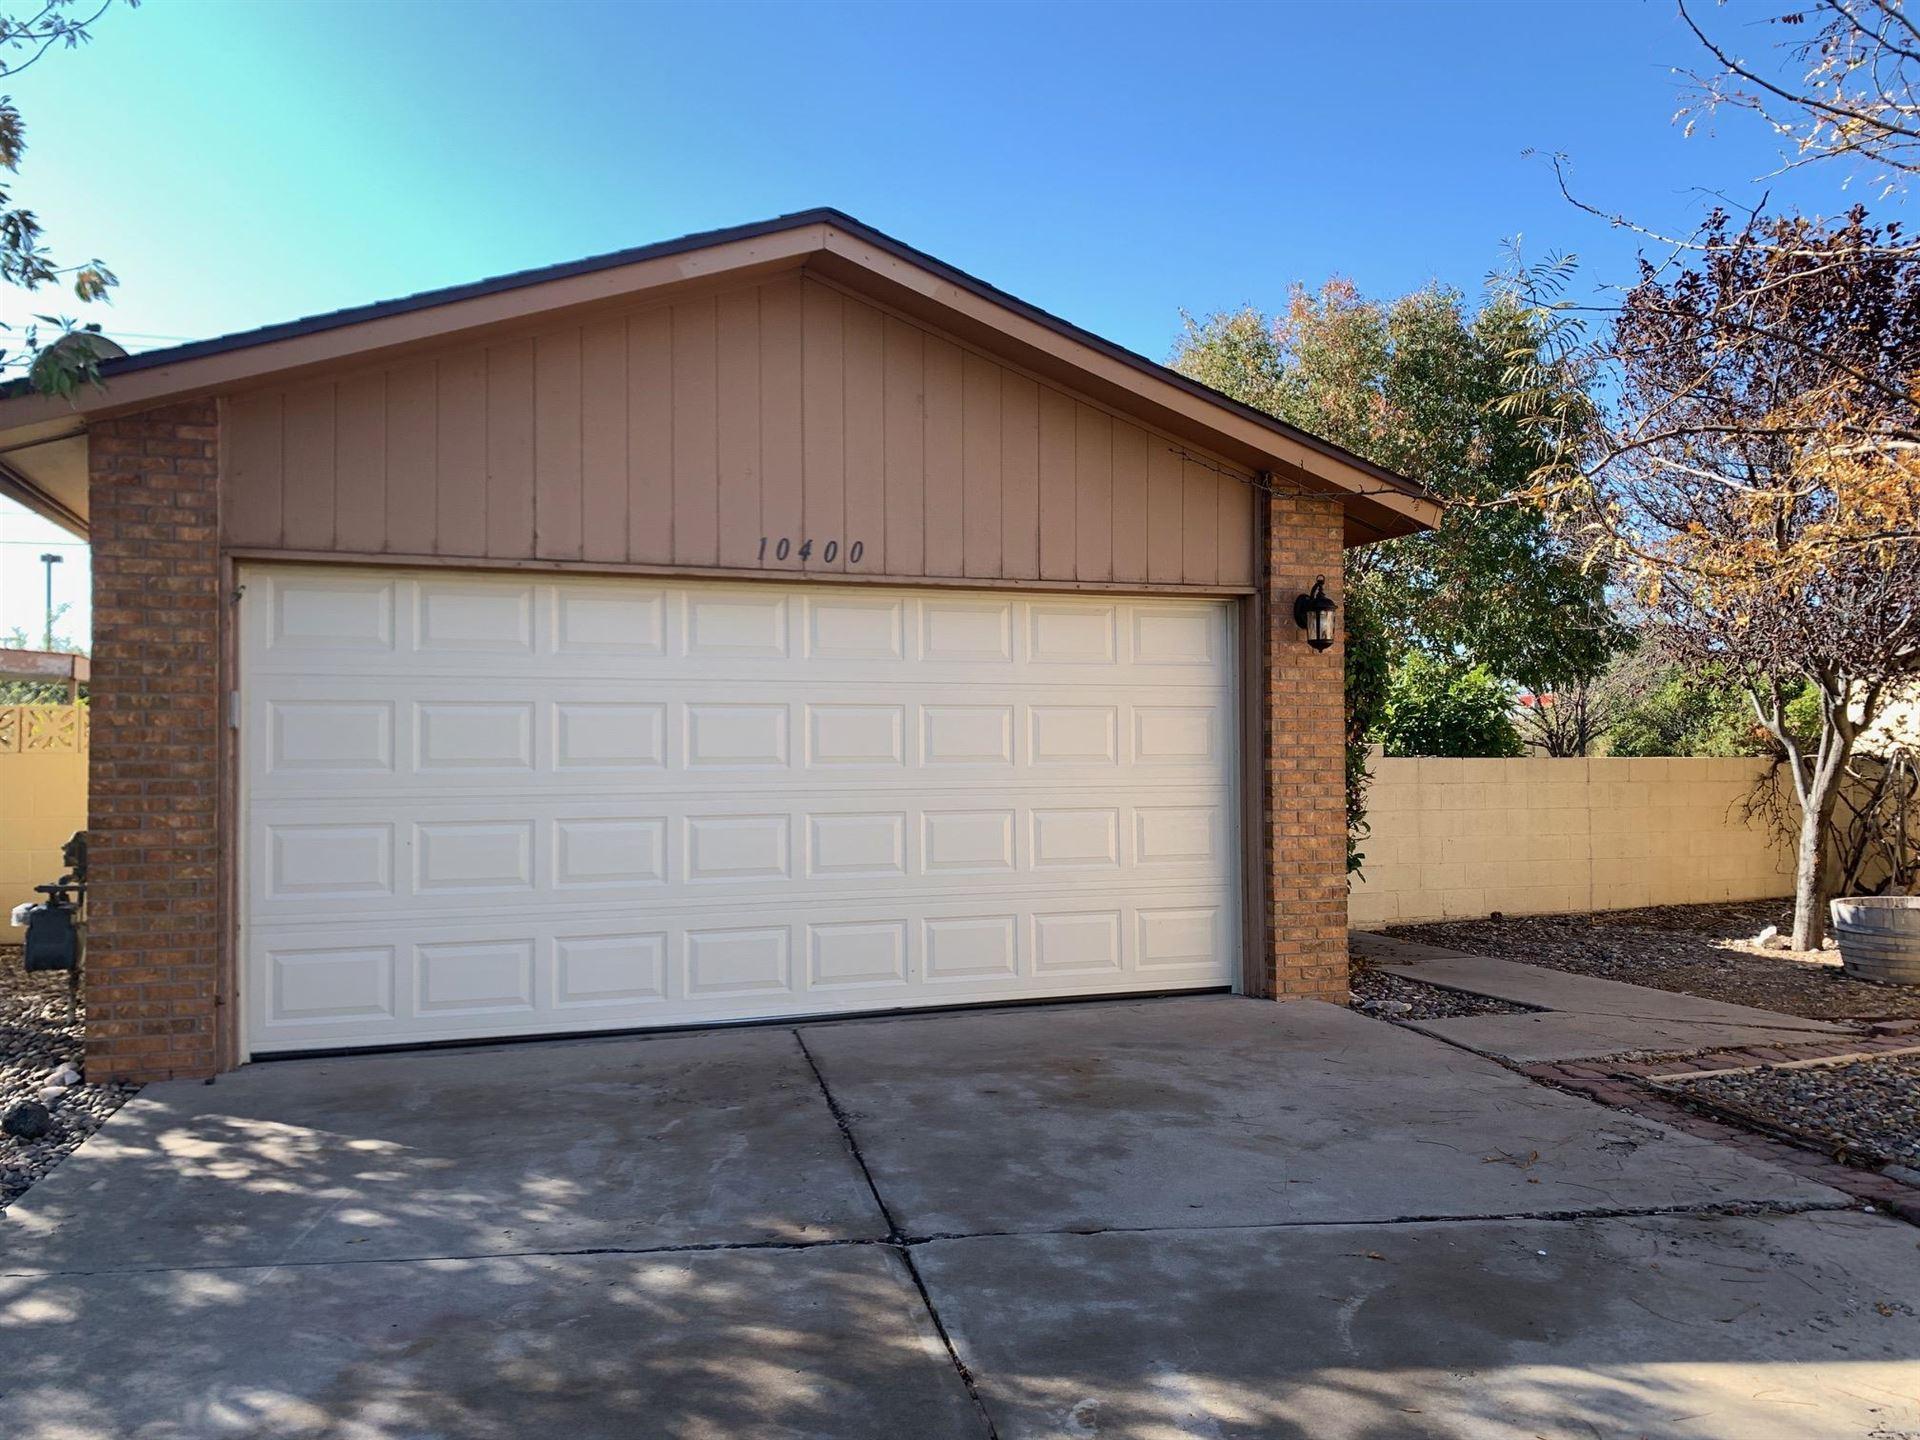 10400 Lagrange Park Drive NE, Albuquerque, NM 87123 - MLS#: 980291